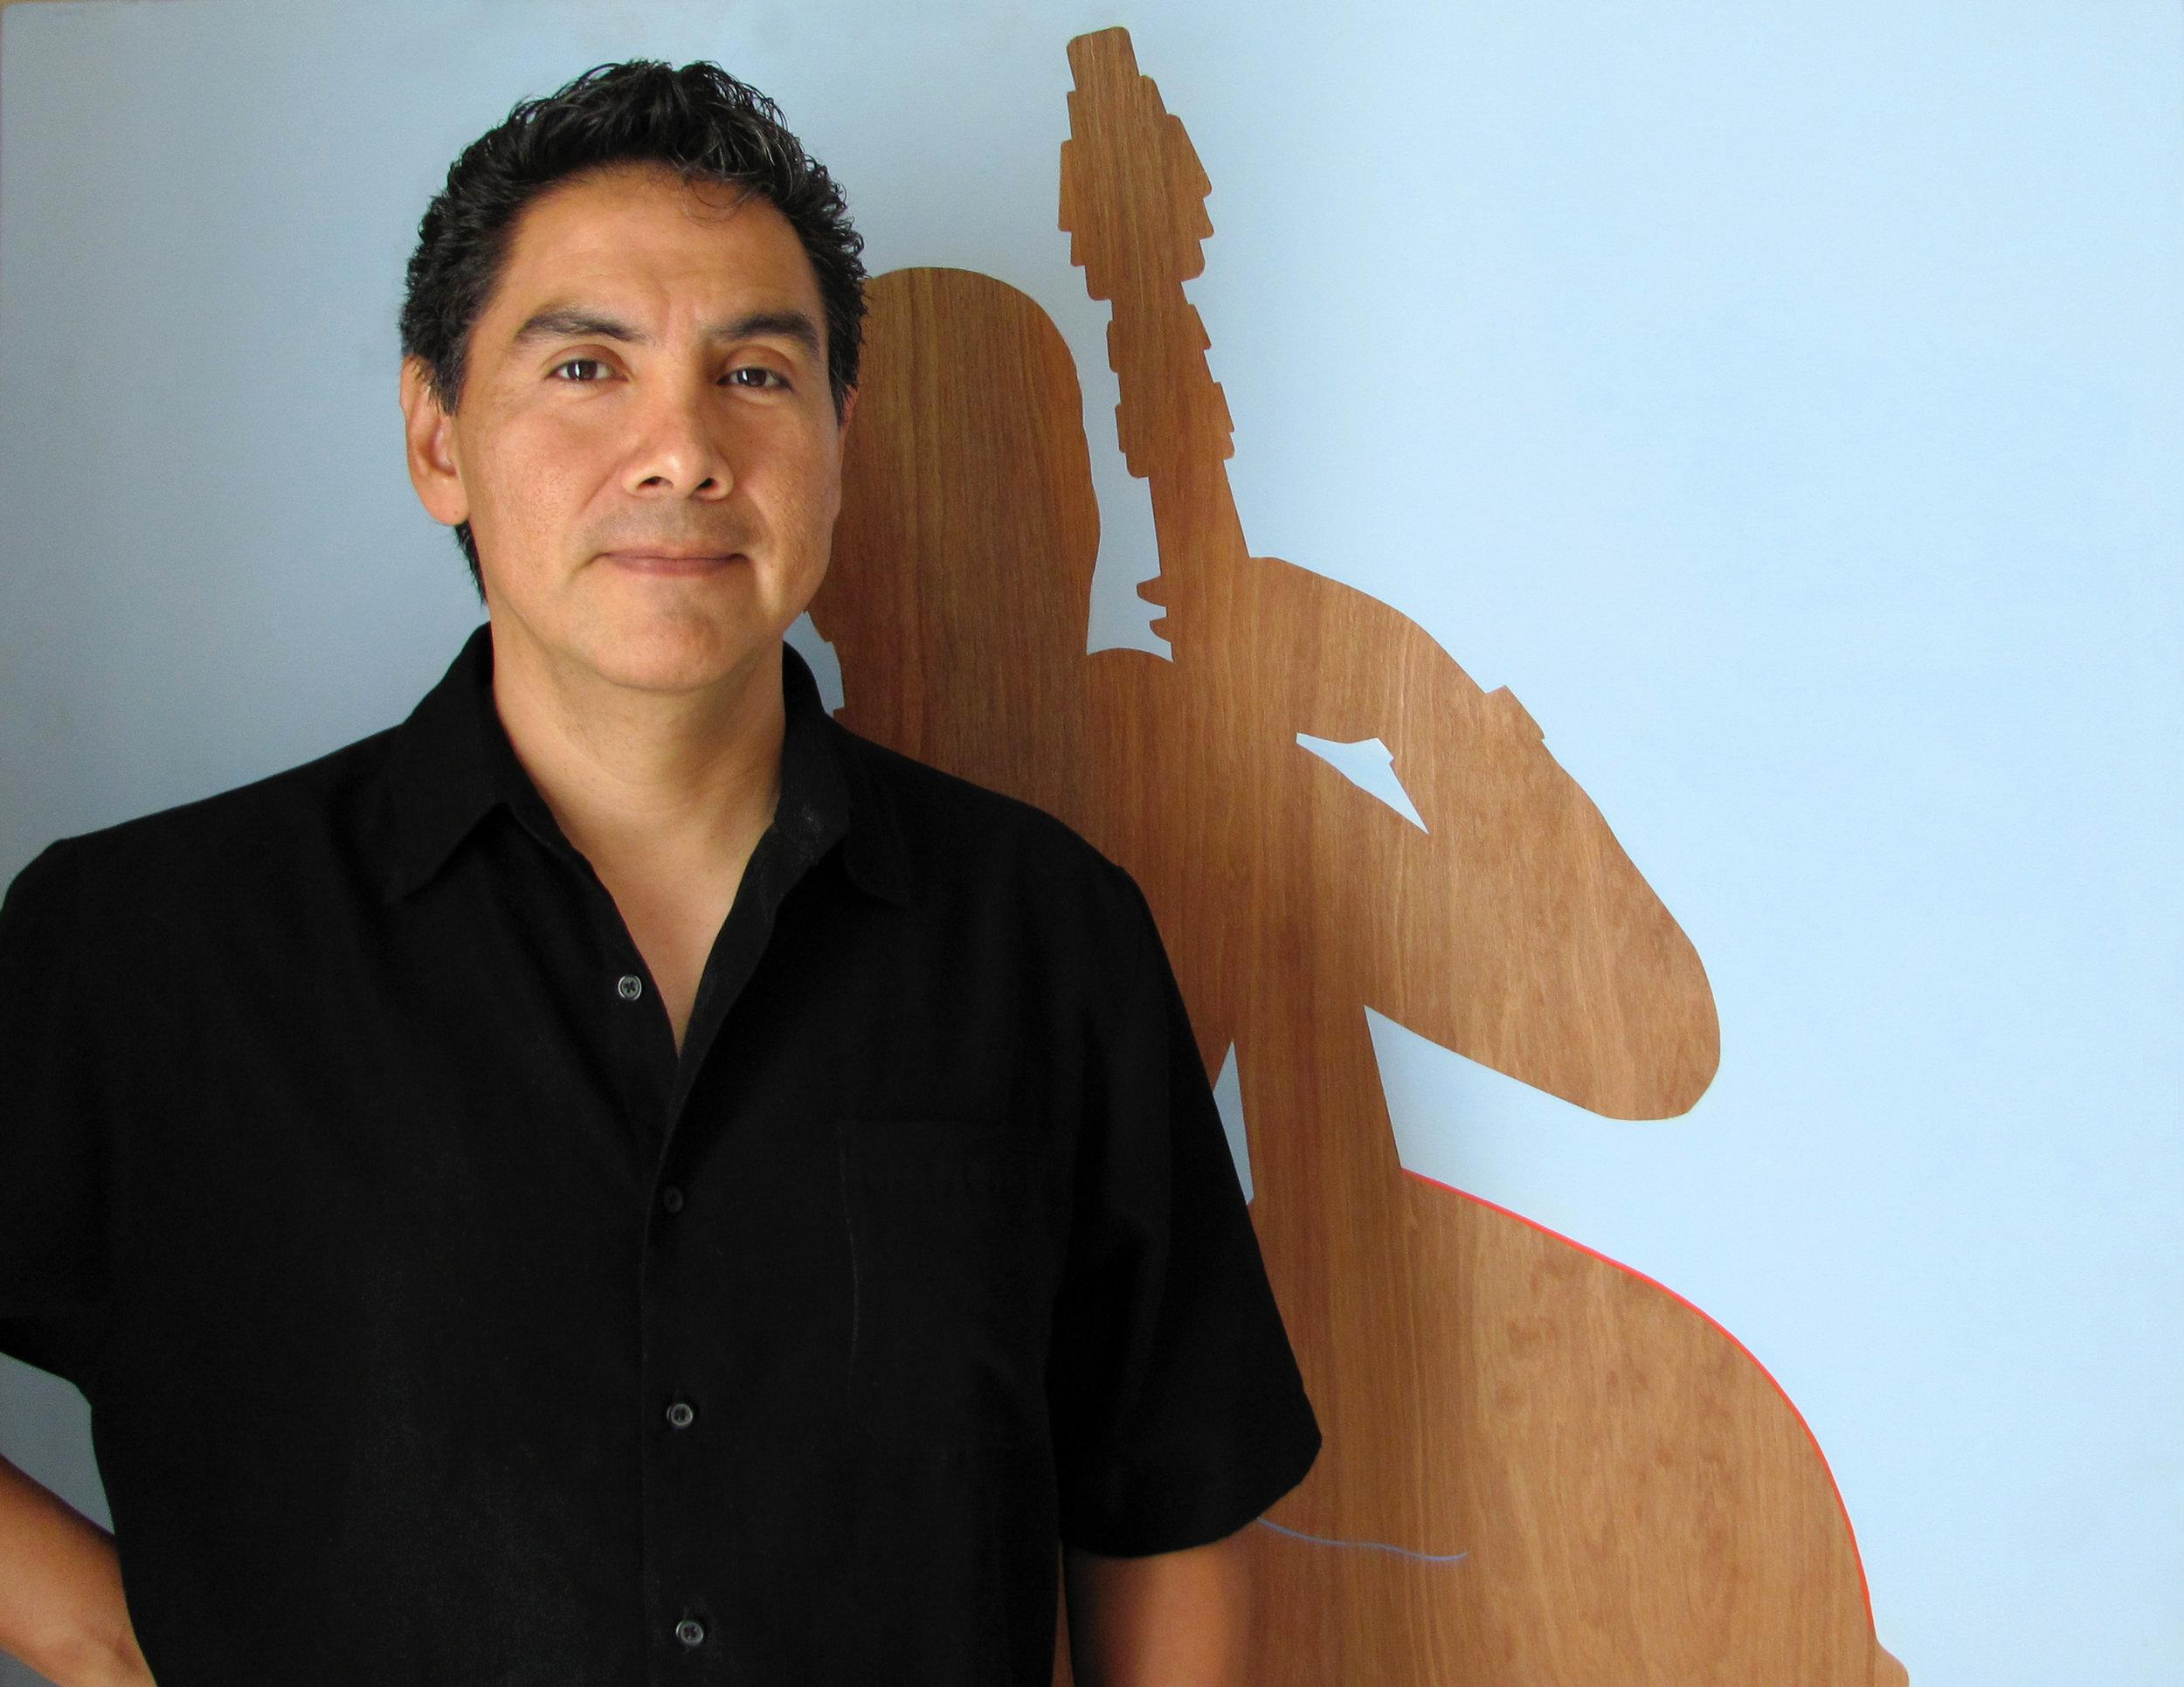 Rafael Navarro